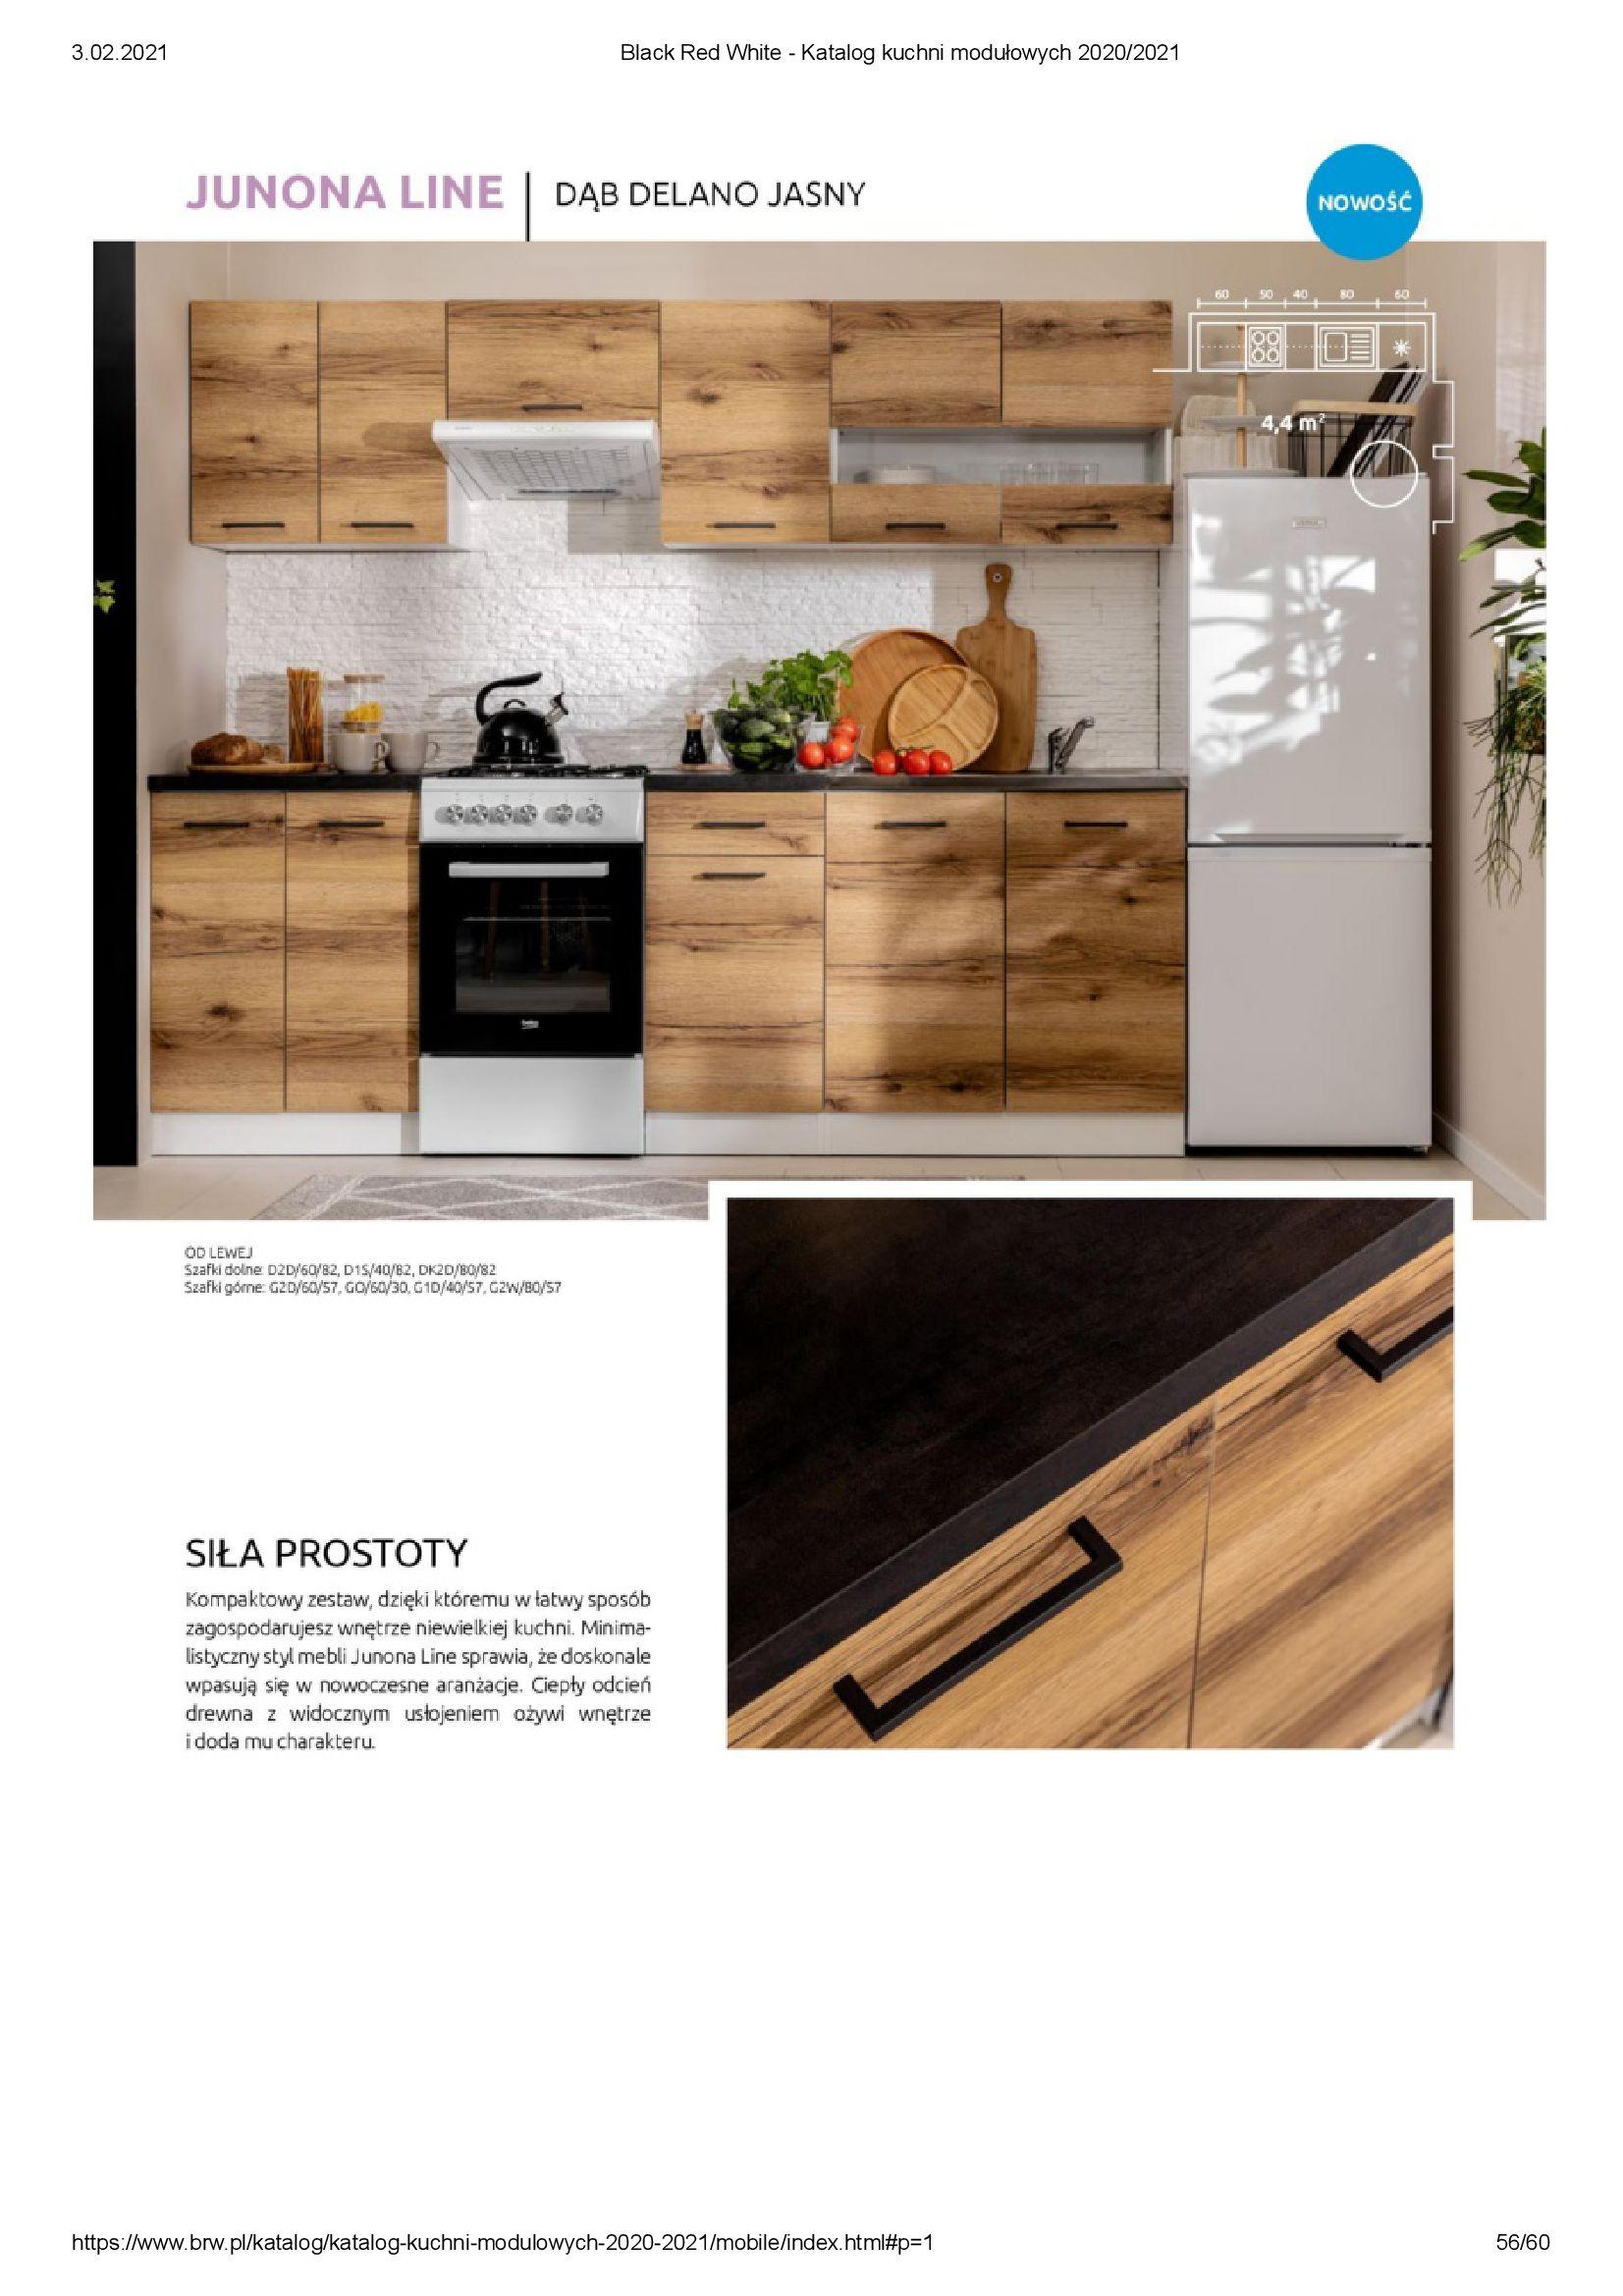 Gazetka Black Red White: Katalog - Kuchnie modułowe 2020/2021 2021-01-01 page-56